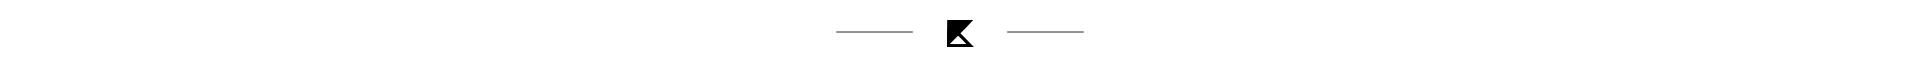 Kynsho website design_K divider.001.jpeg